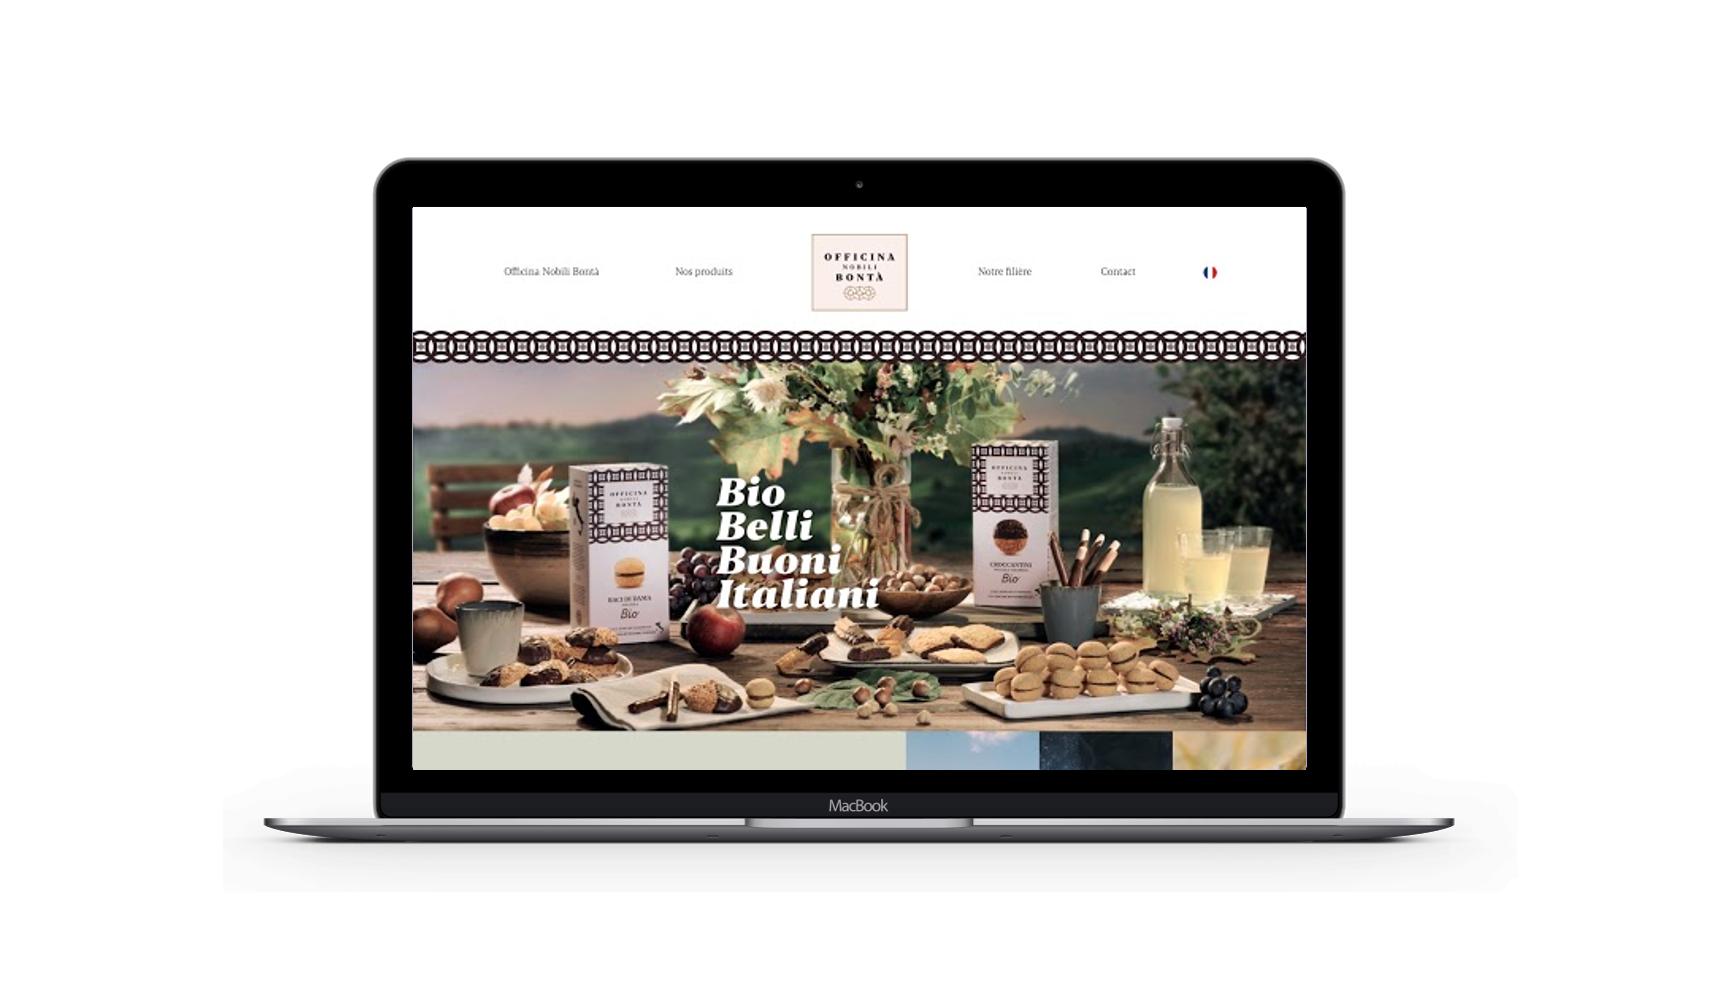 OFFICINA NOBILI BONTA - Création de site - Création de site internet